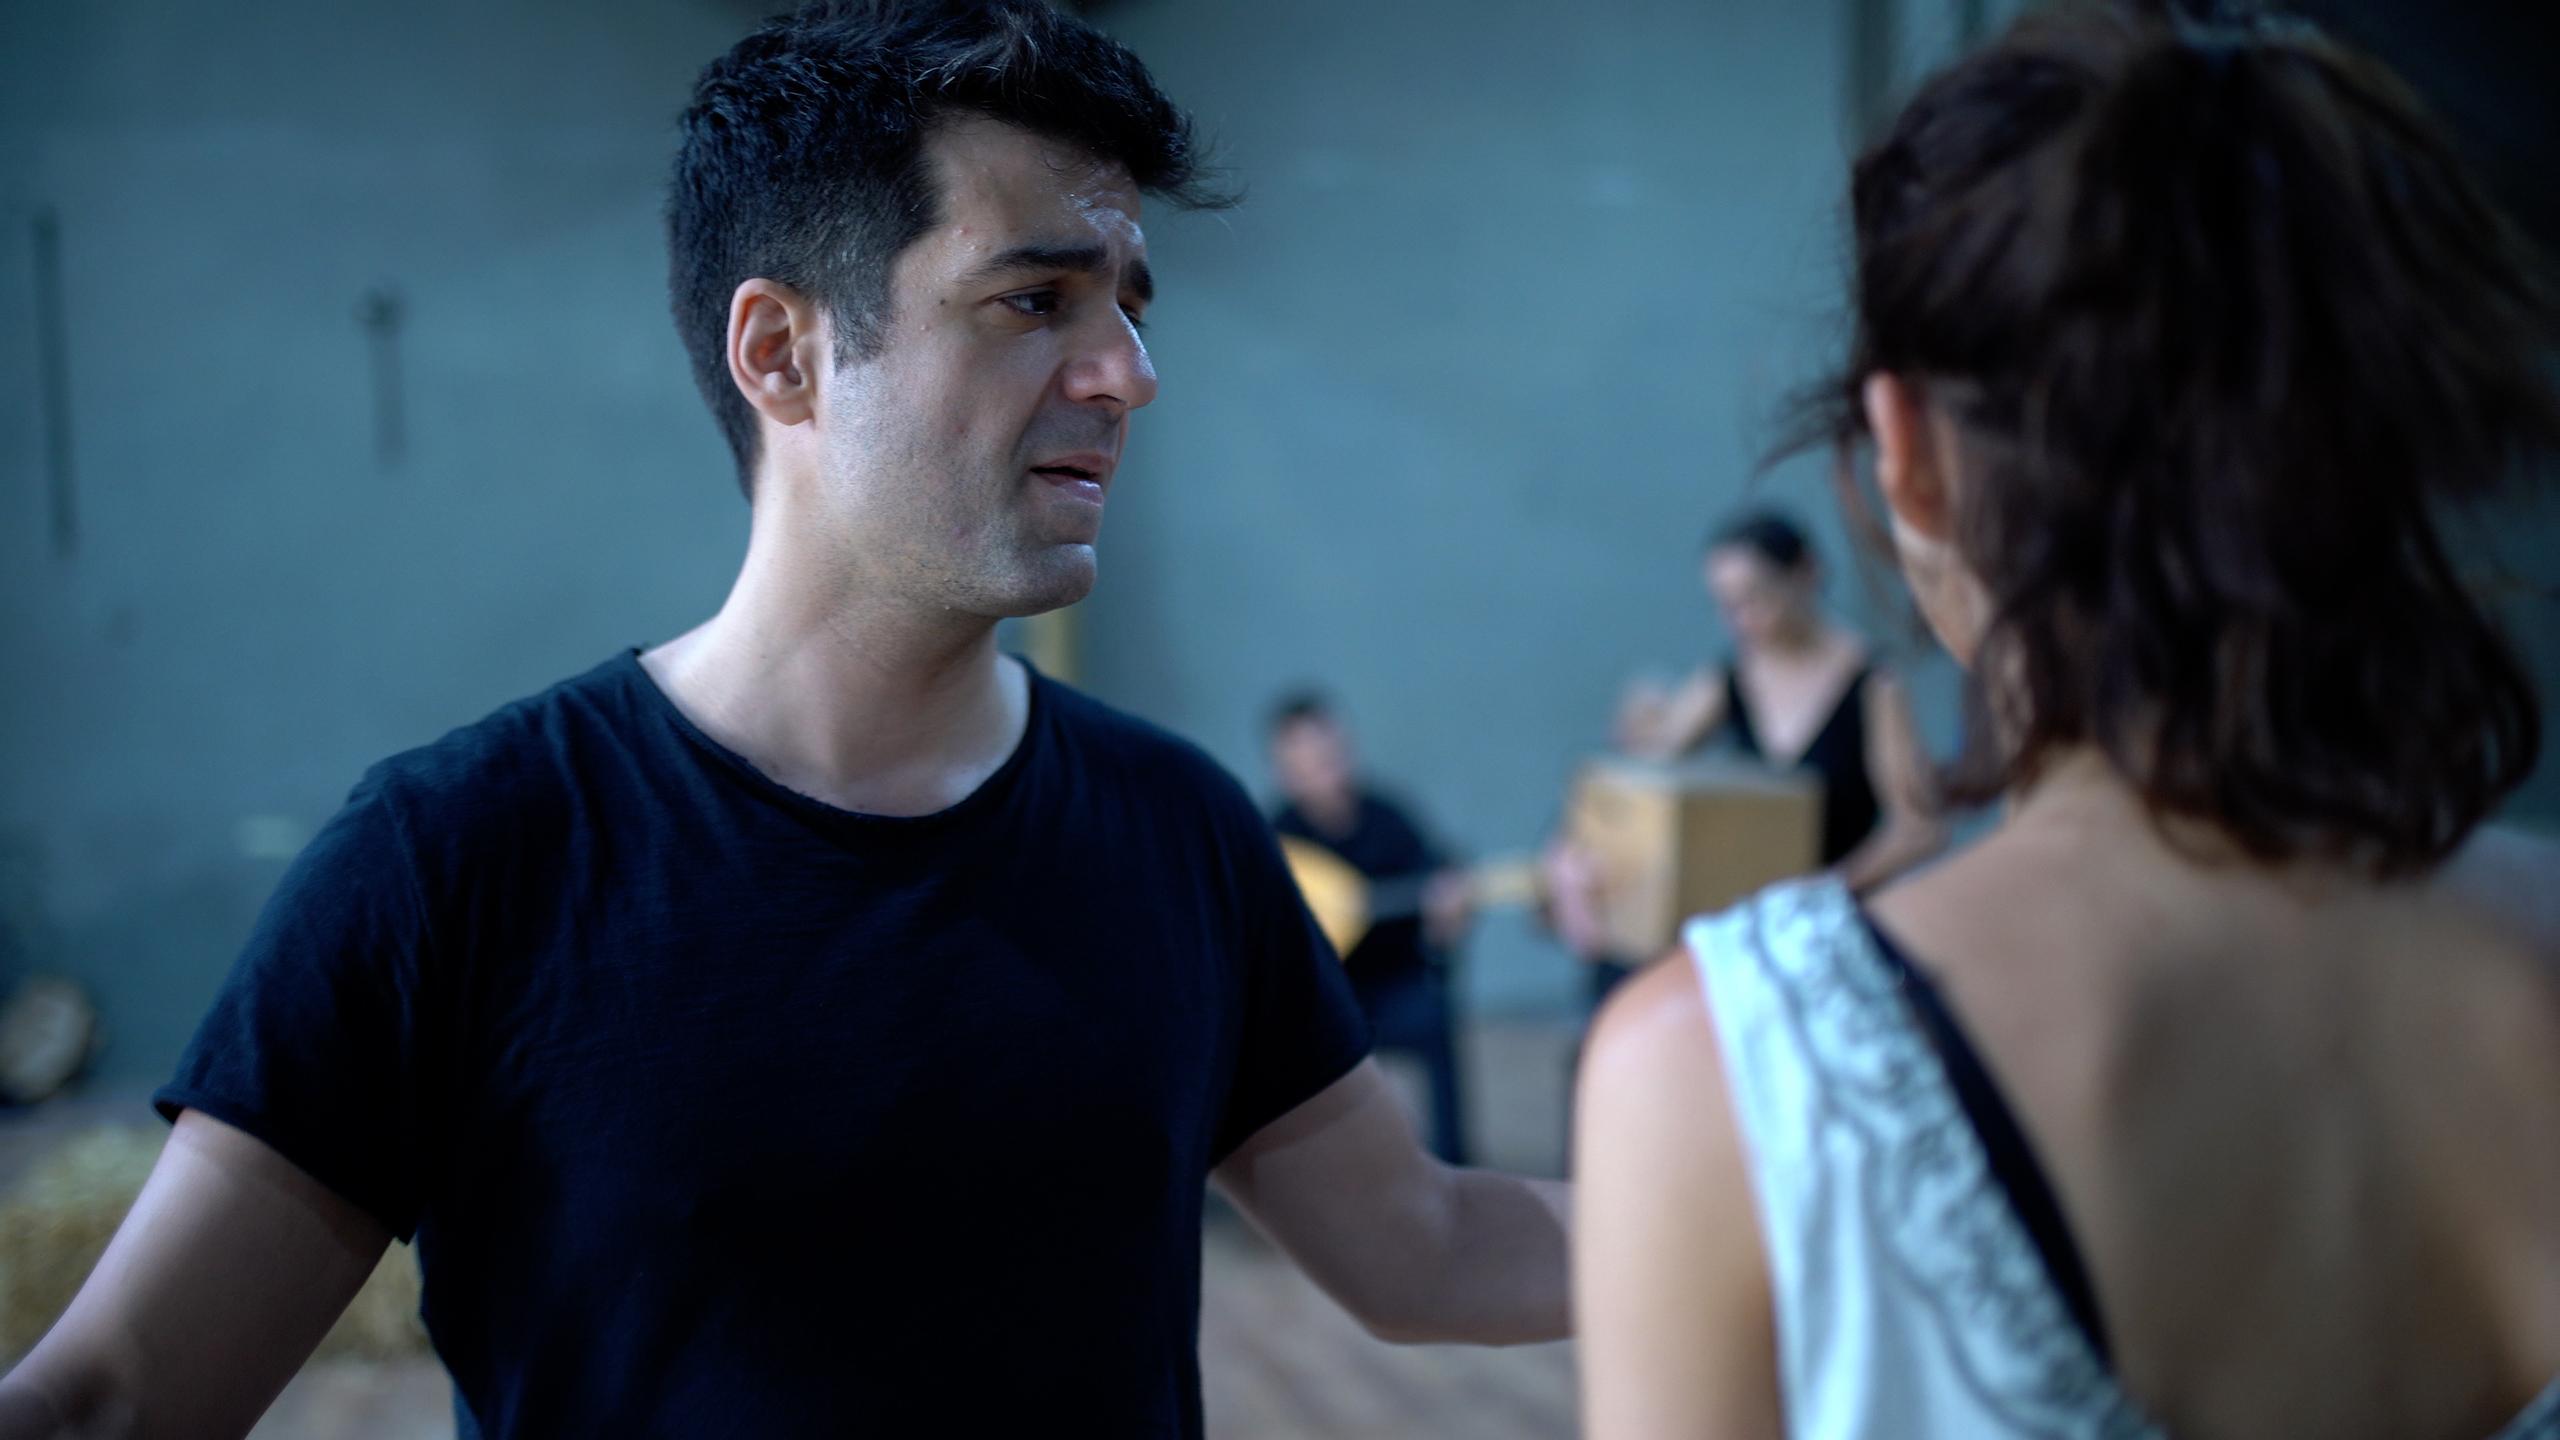 gala aima @Dimitris Christodoulou